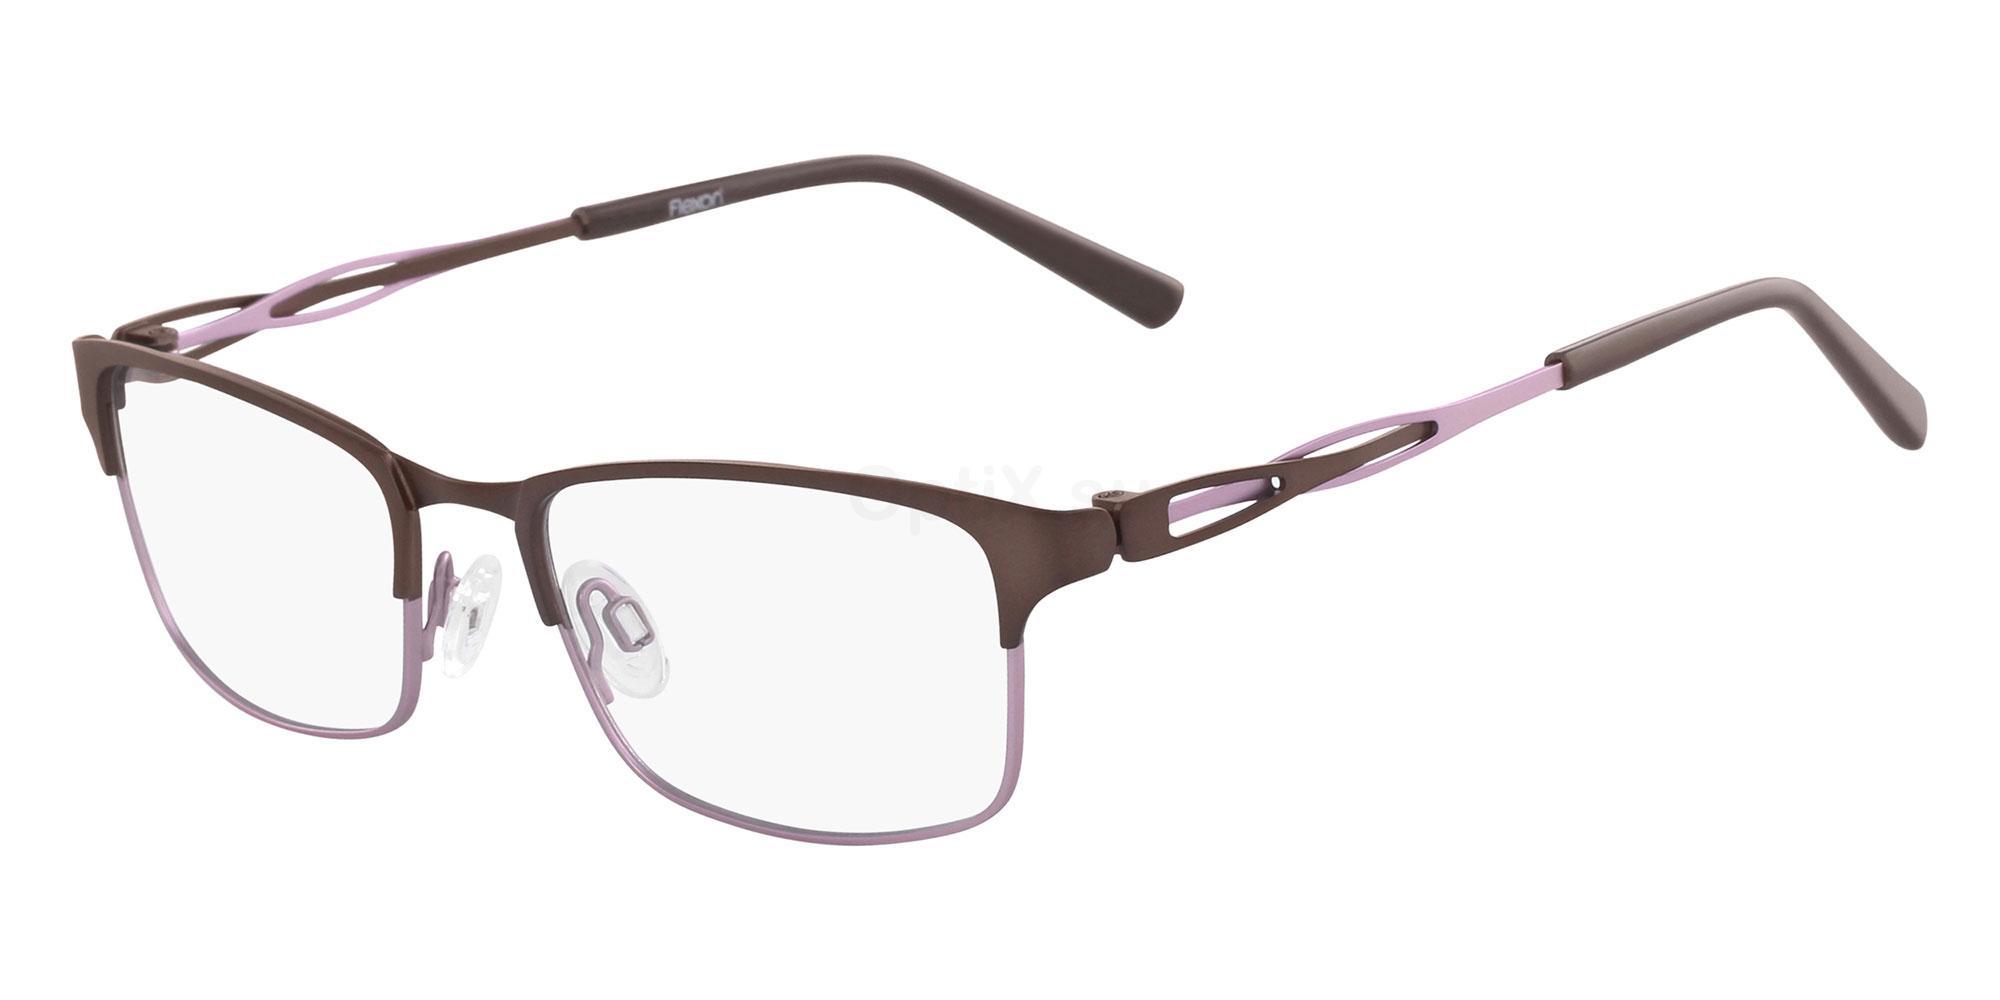 210 FLEXON MARIENE Glasses, Flexon